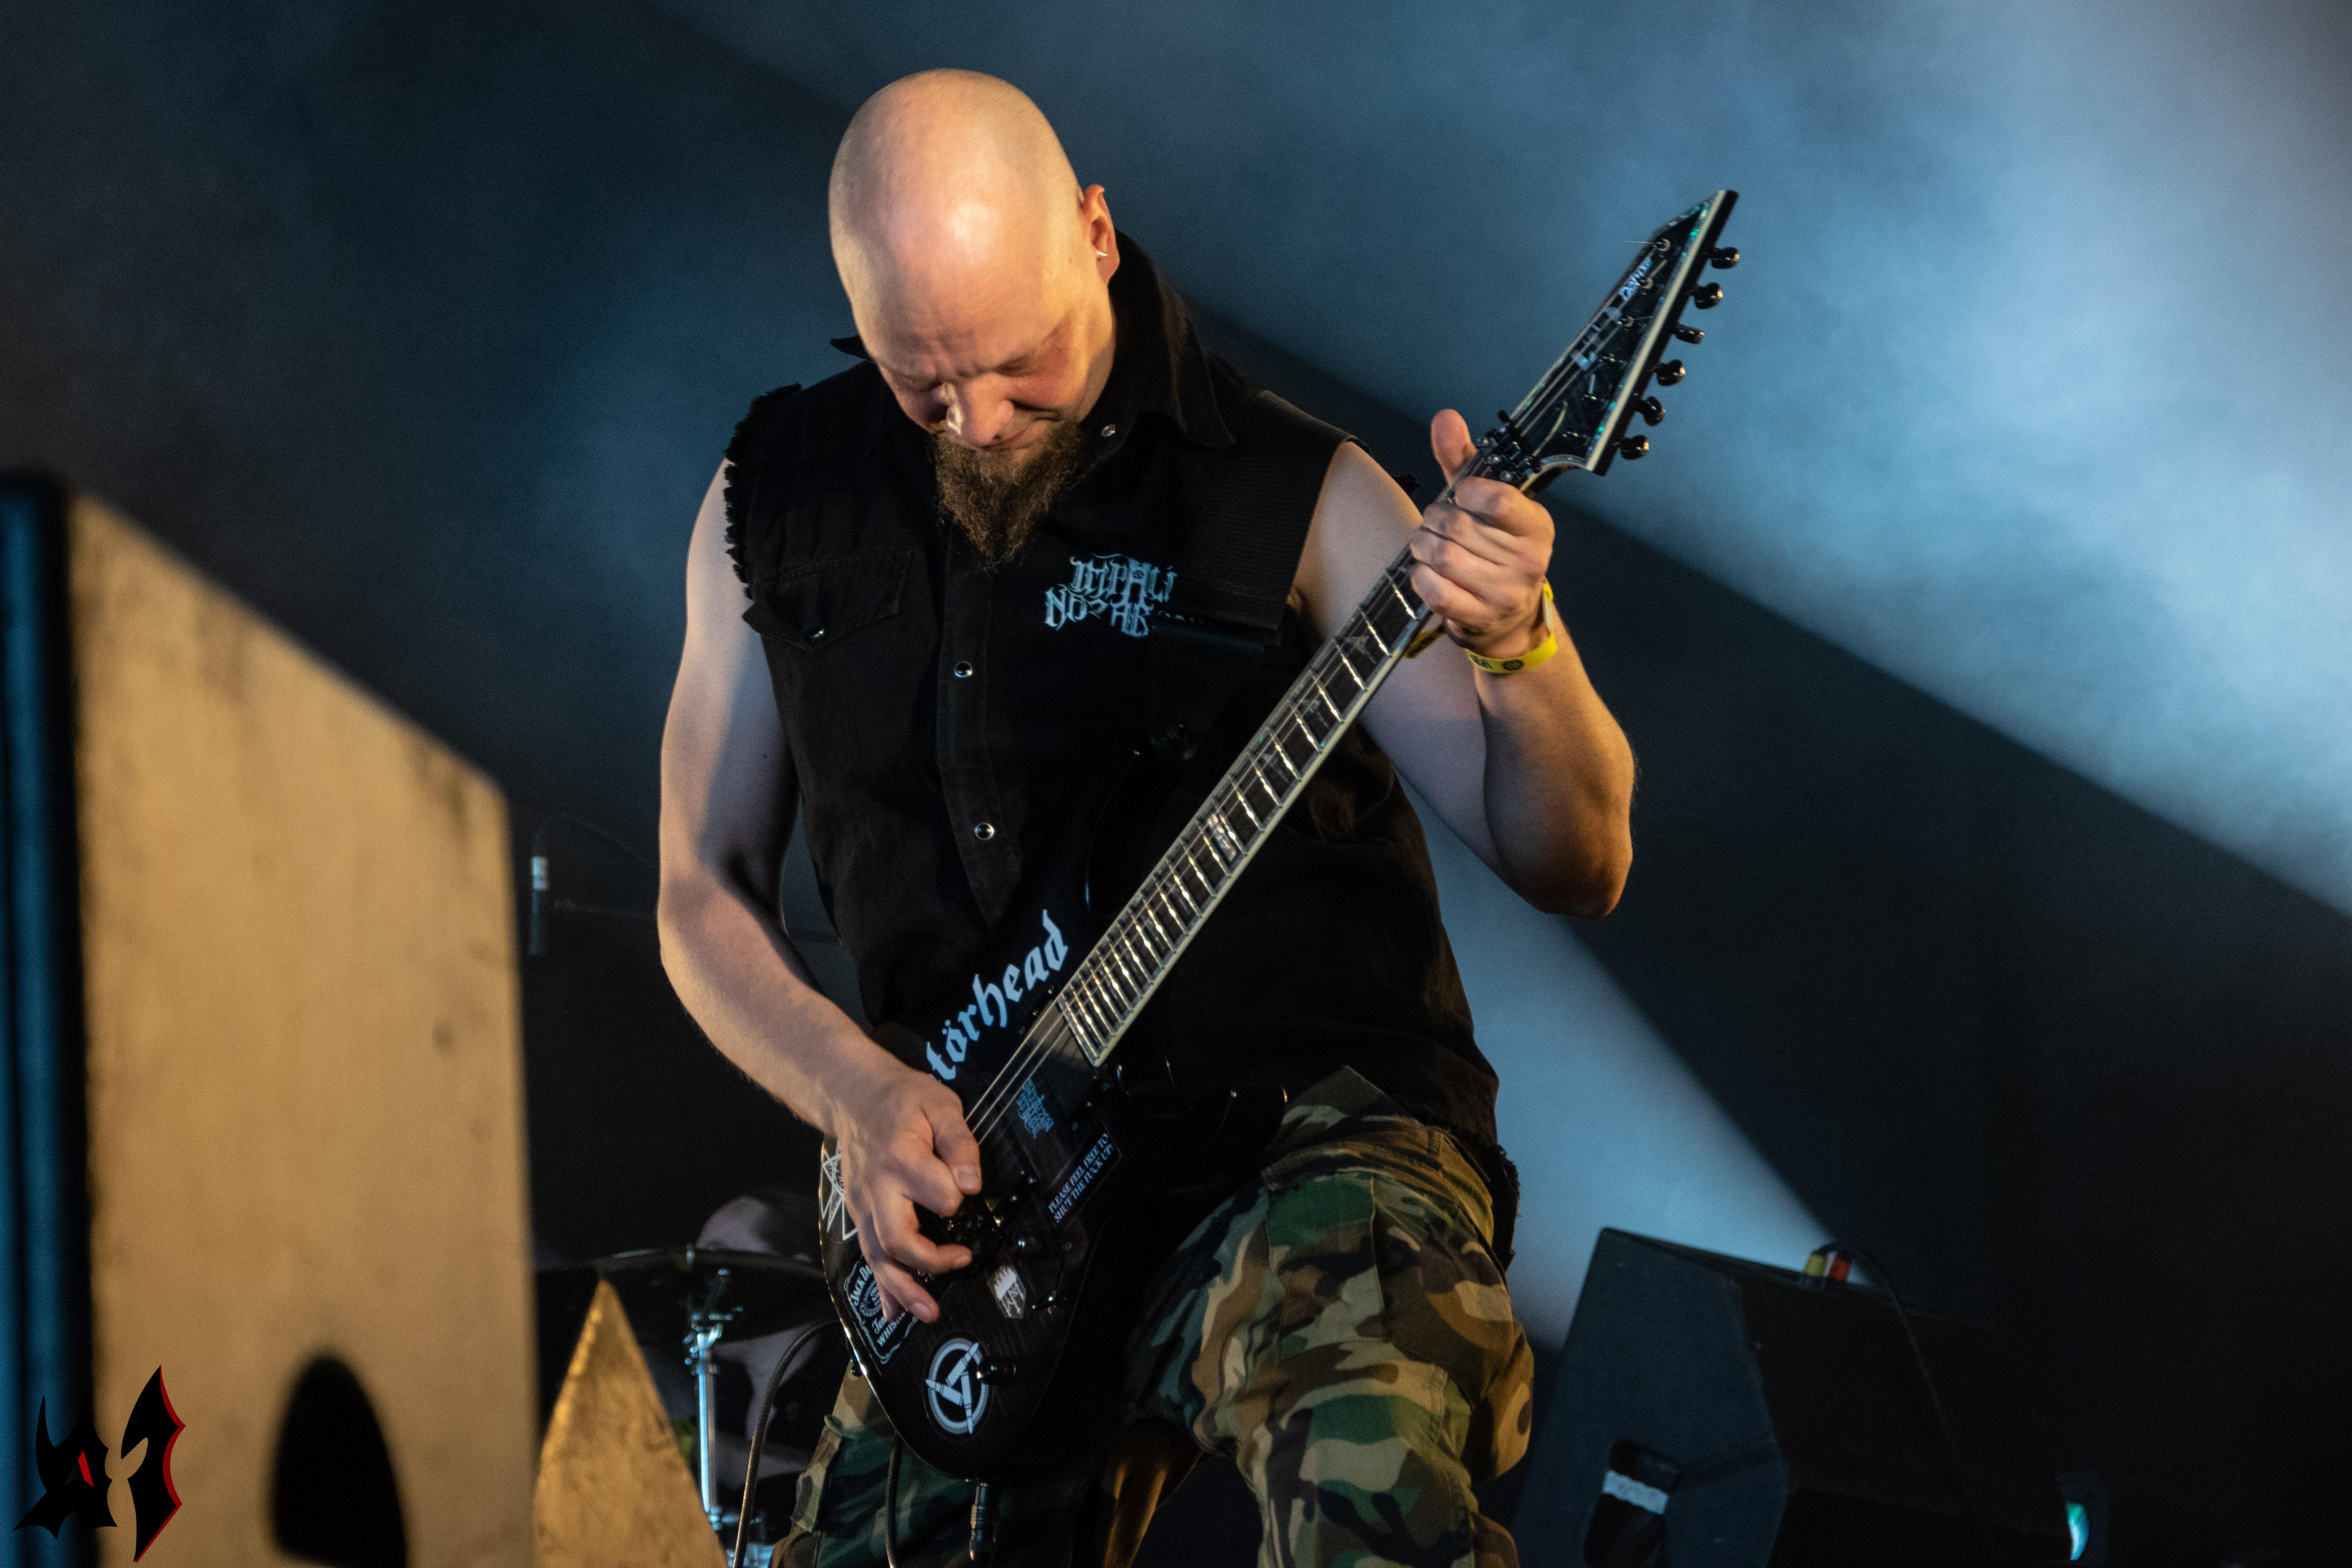 Hellfest - Impaled Nazarene - 1